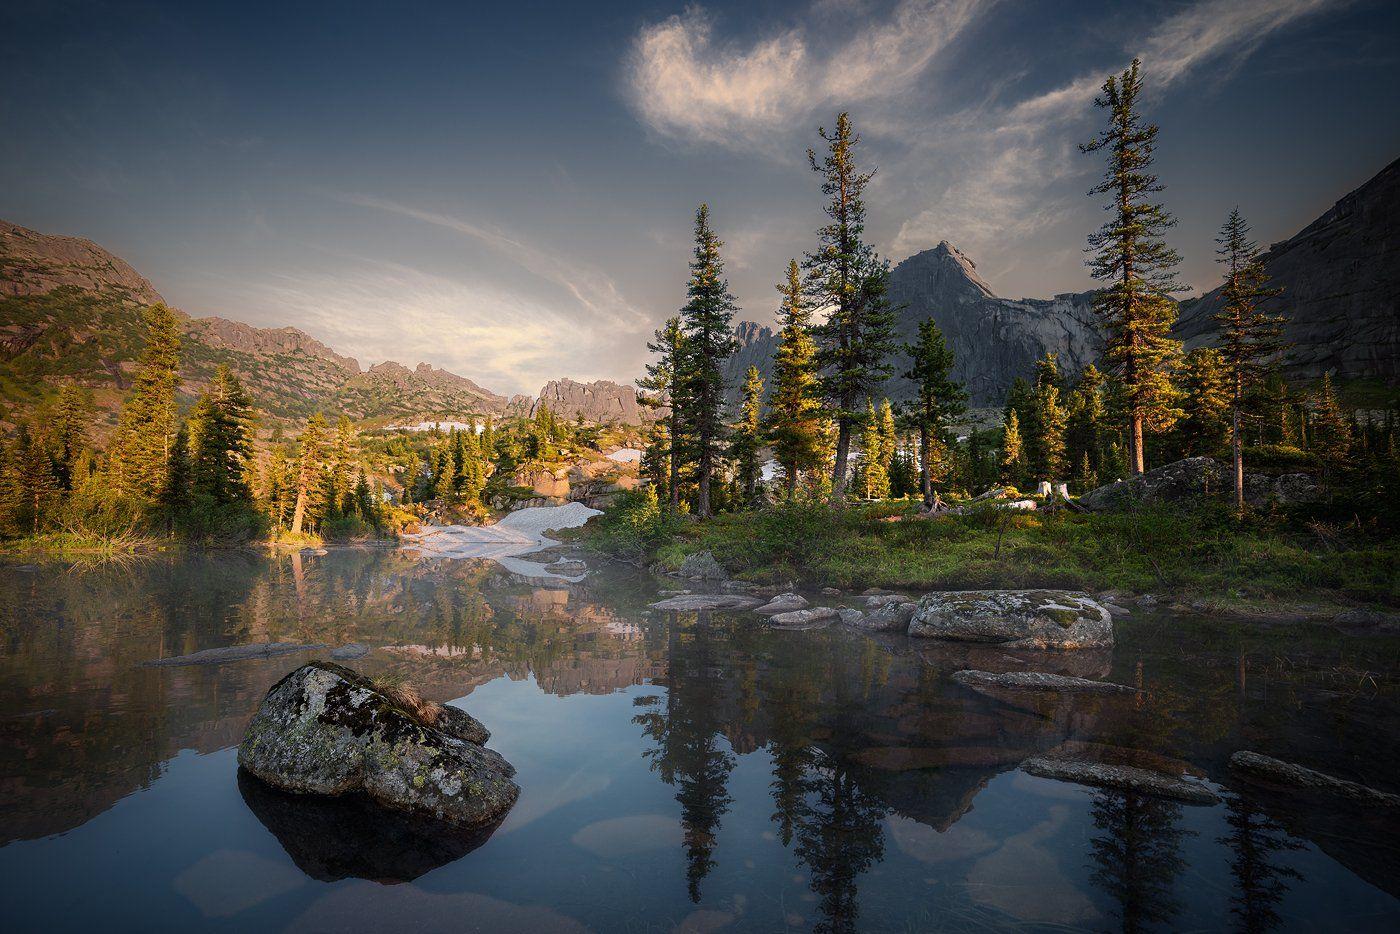 пейзаж, природа, ергаки, саяны, лазурное, горы, скалы, вершины, хребет, озеро, вечер, спящий, саян, дно, камни, отражения, вода, холодный, большой, высокий, красивая, Дмитрий Антипов